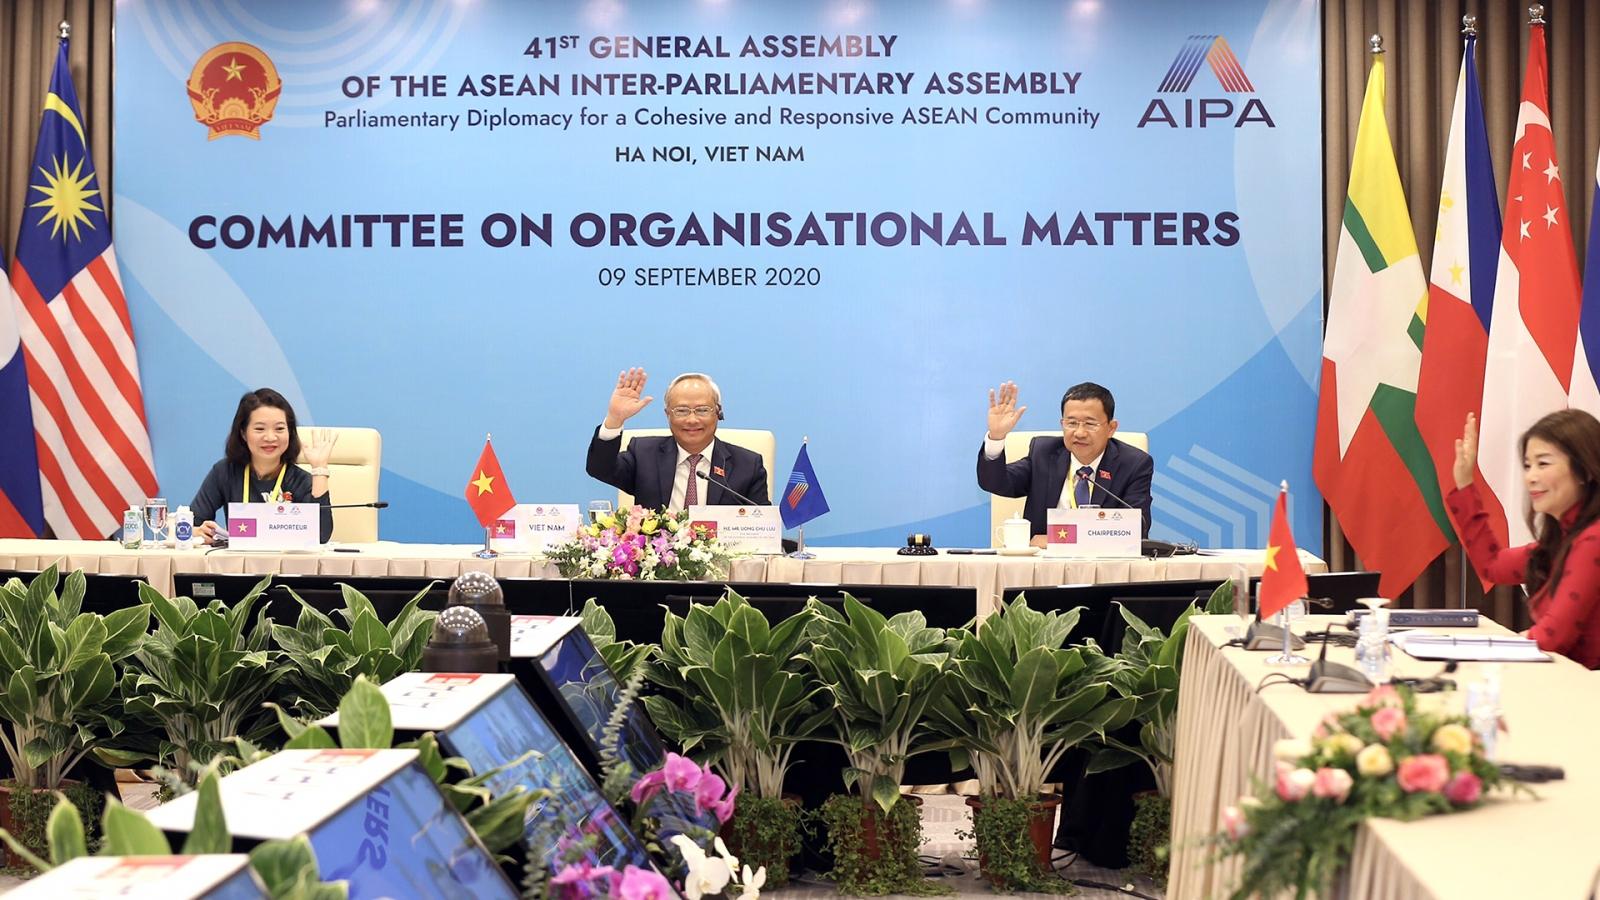 Uỷ ban về các vấn đề tổ chức ủng hộ thành lập Hội nghị Nghị sĩ trẻ AIPA